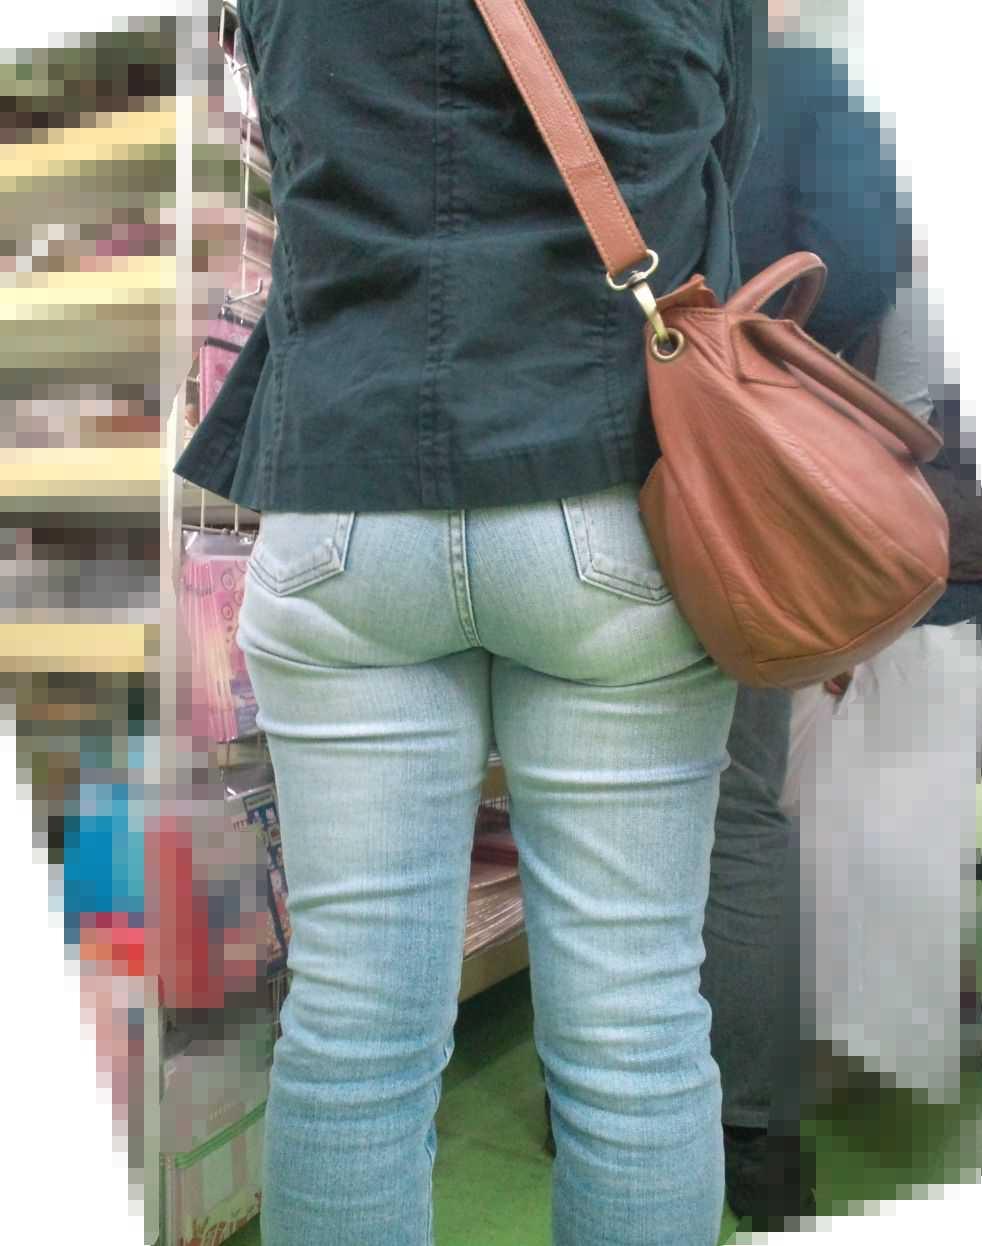 パンツの形が見えてる (3)